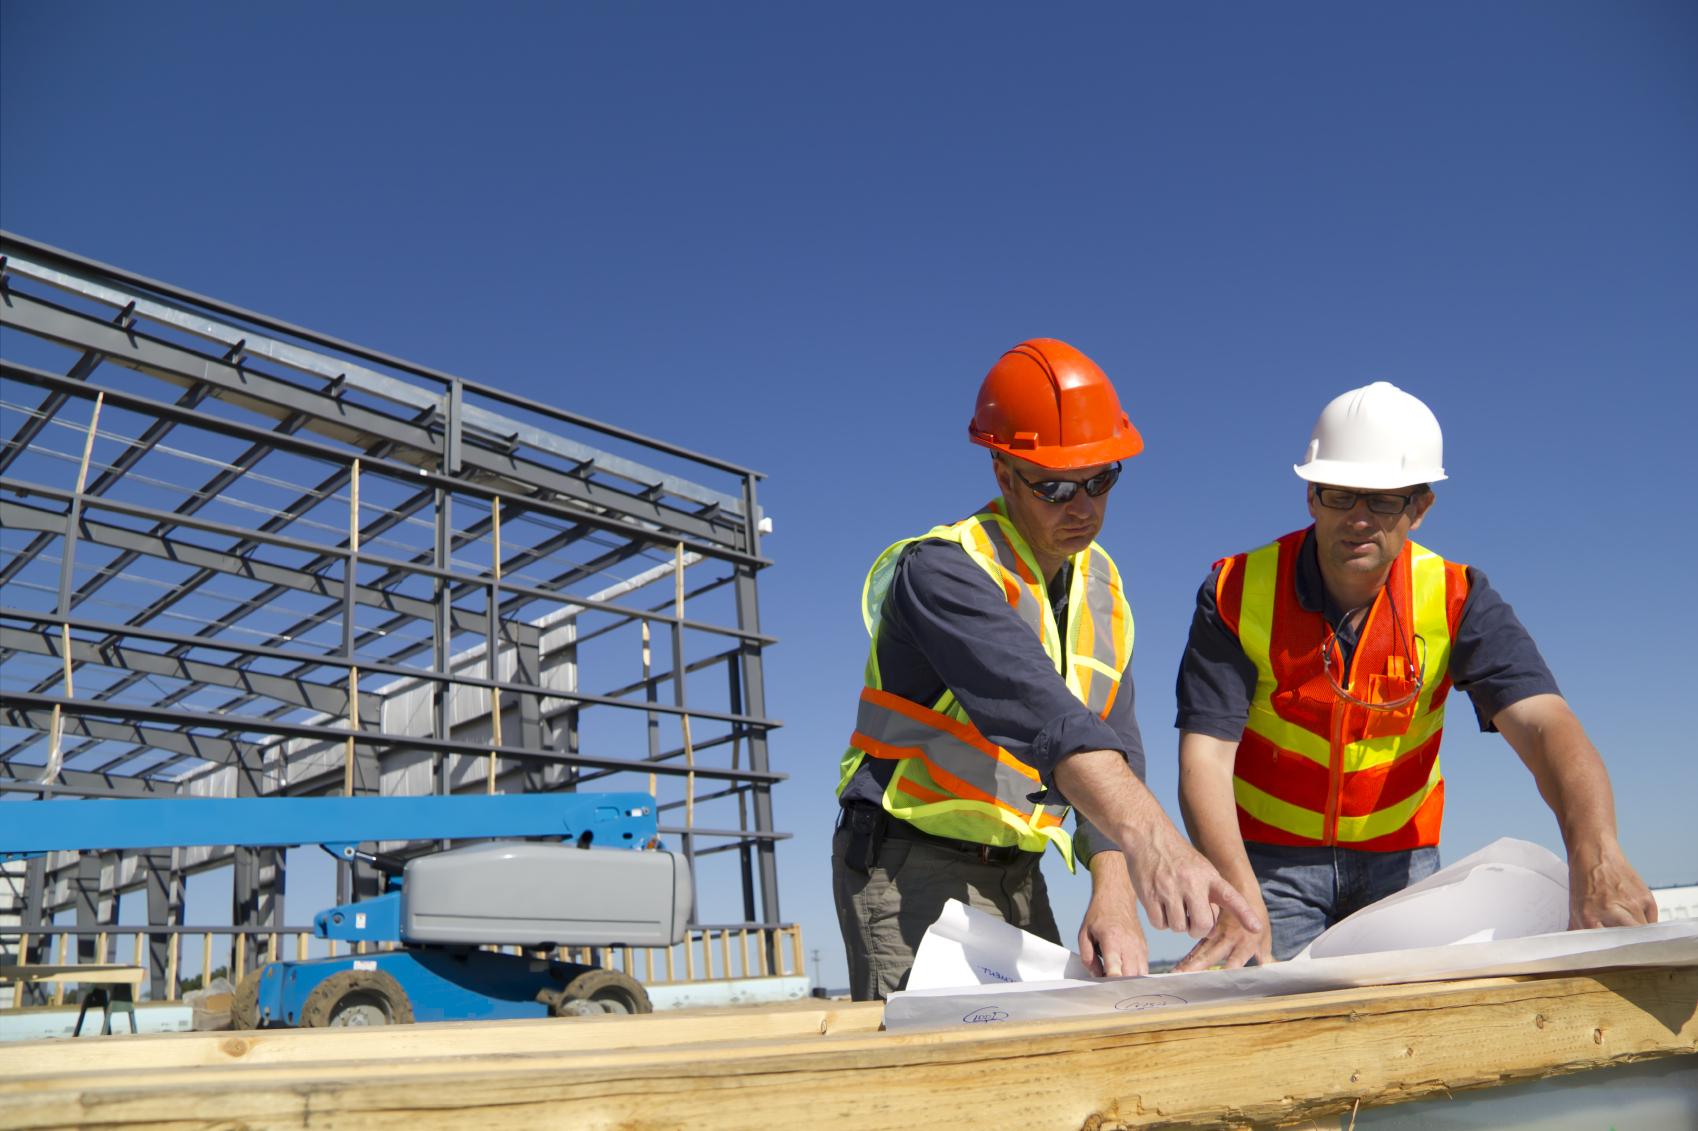 Chứng chỉ tư vấn giám sát ngành xây dựng